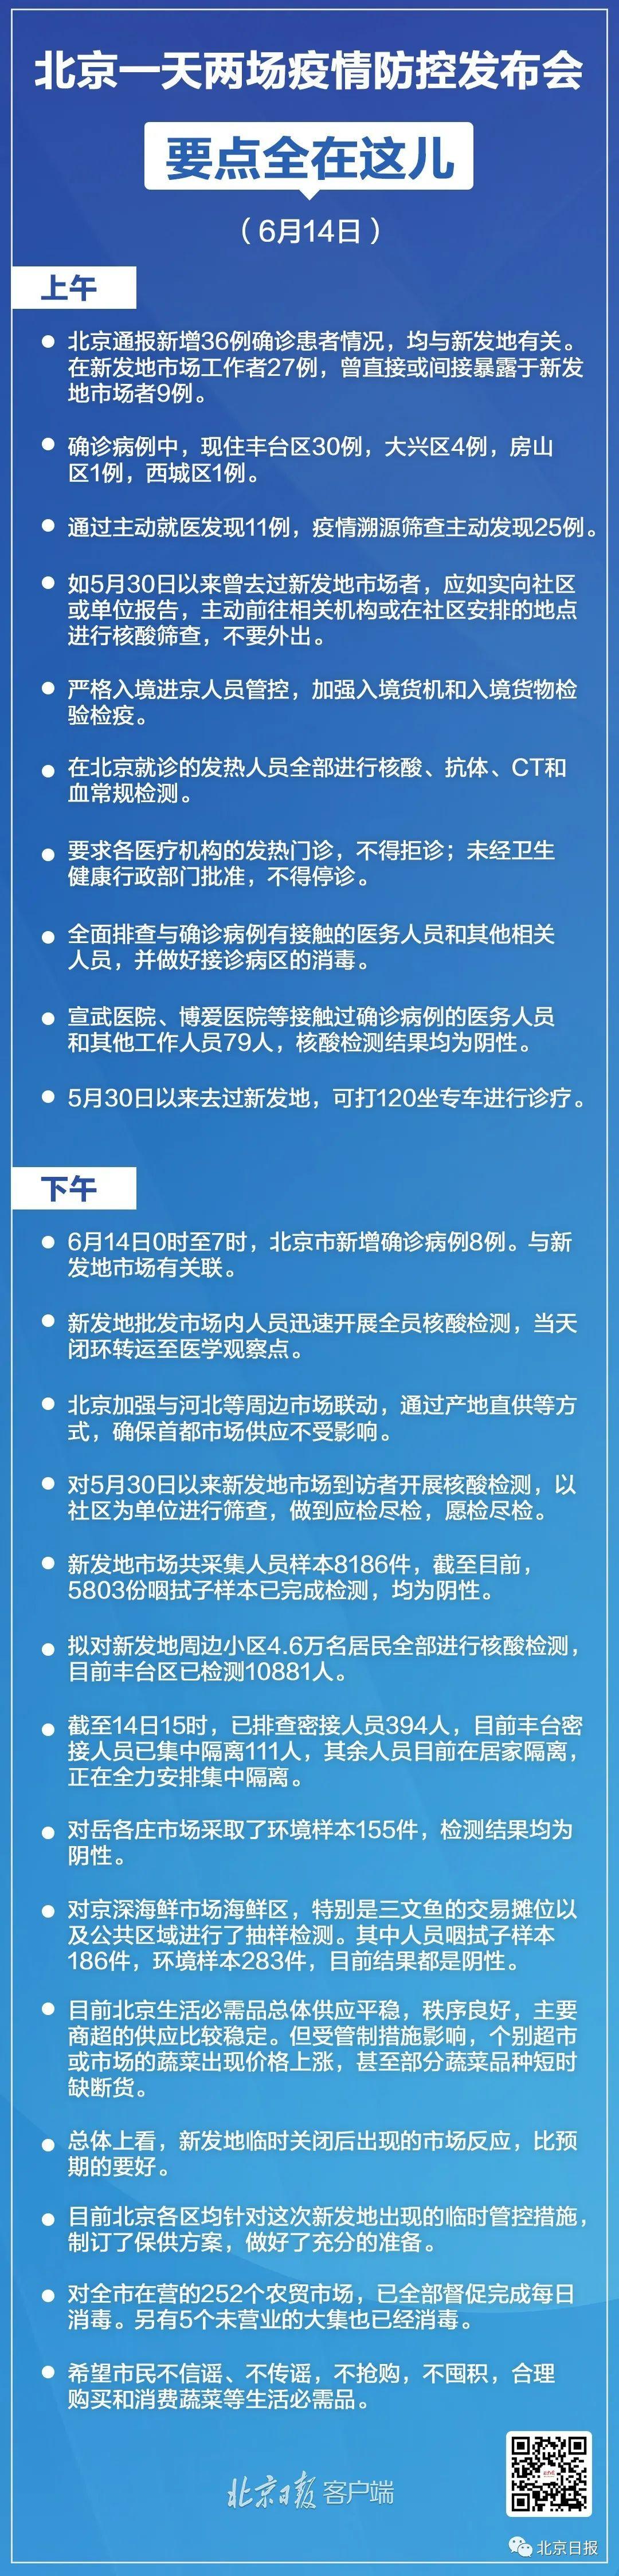 曾光:北京不会成第二个武汉!病毒传播全国很多城市甚至需封城